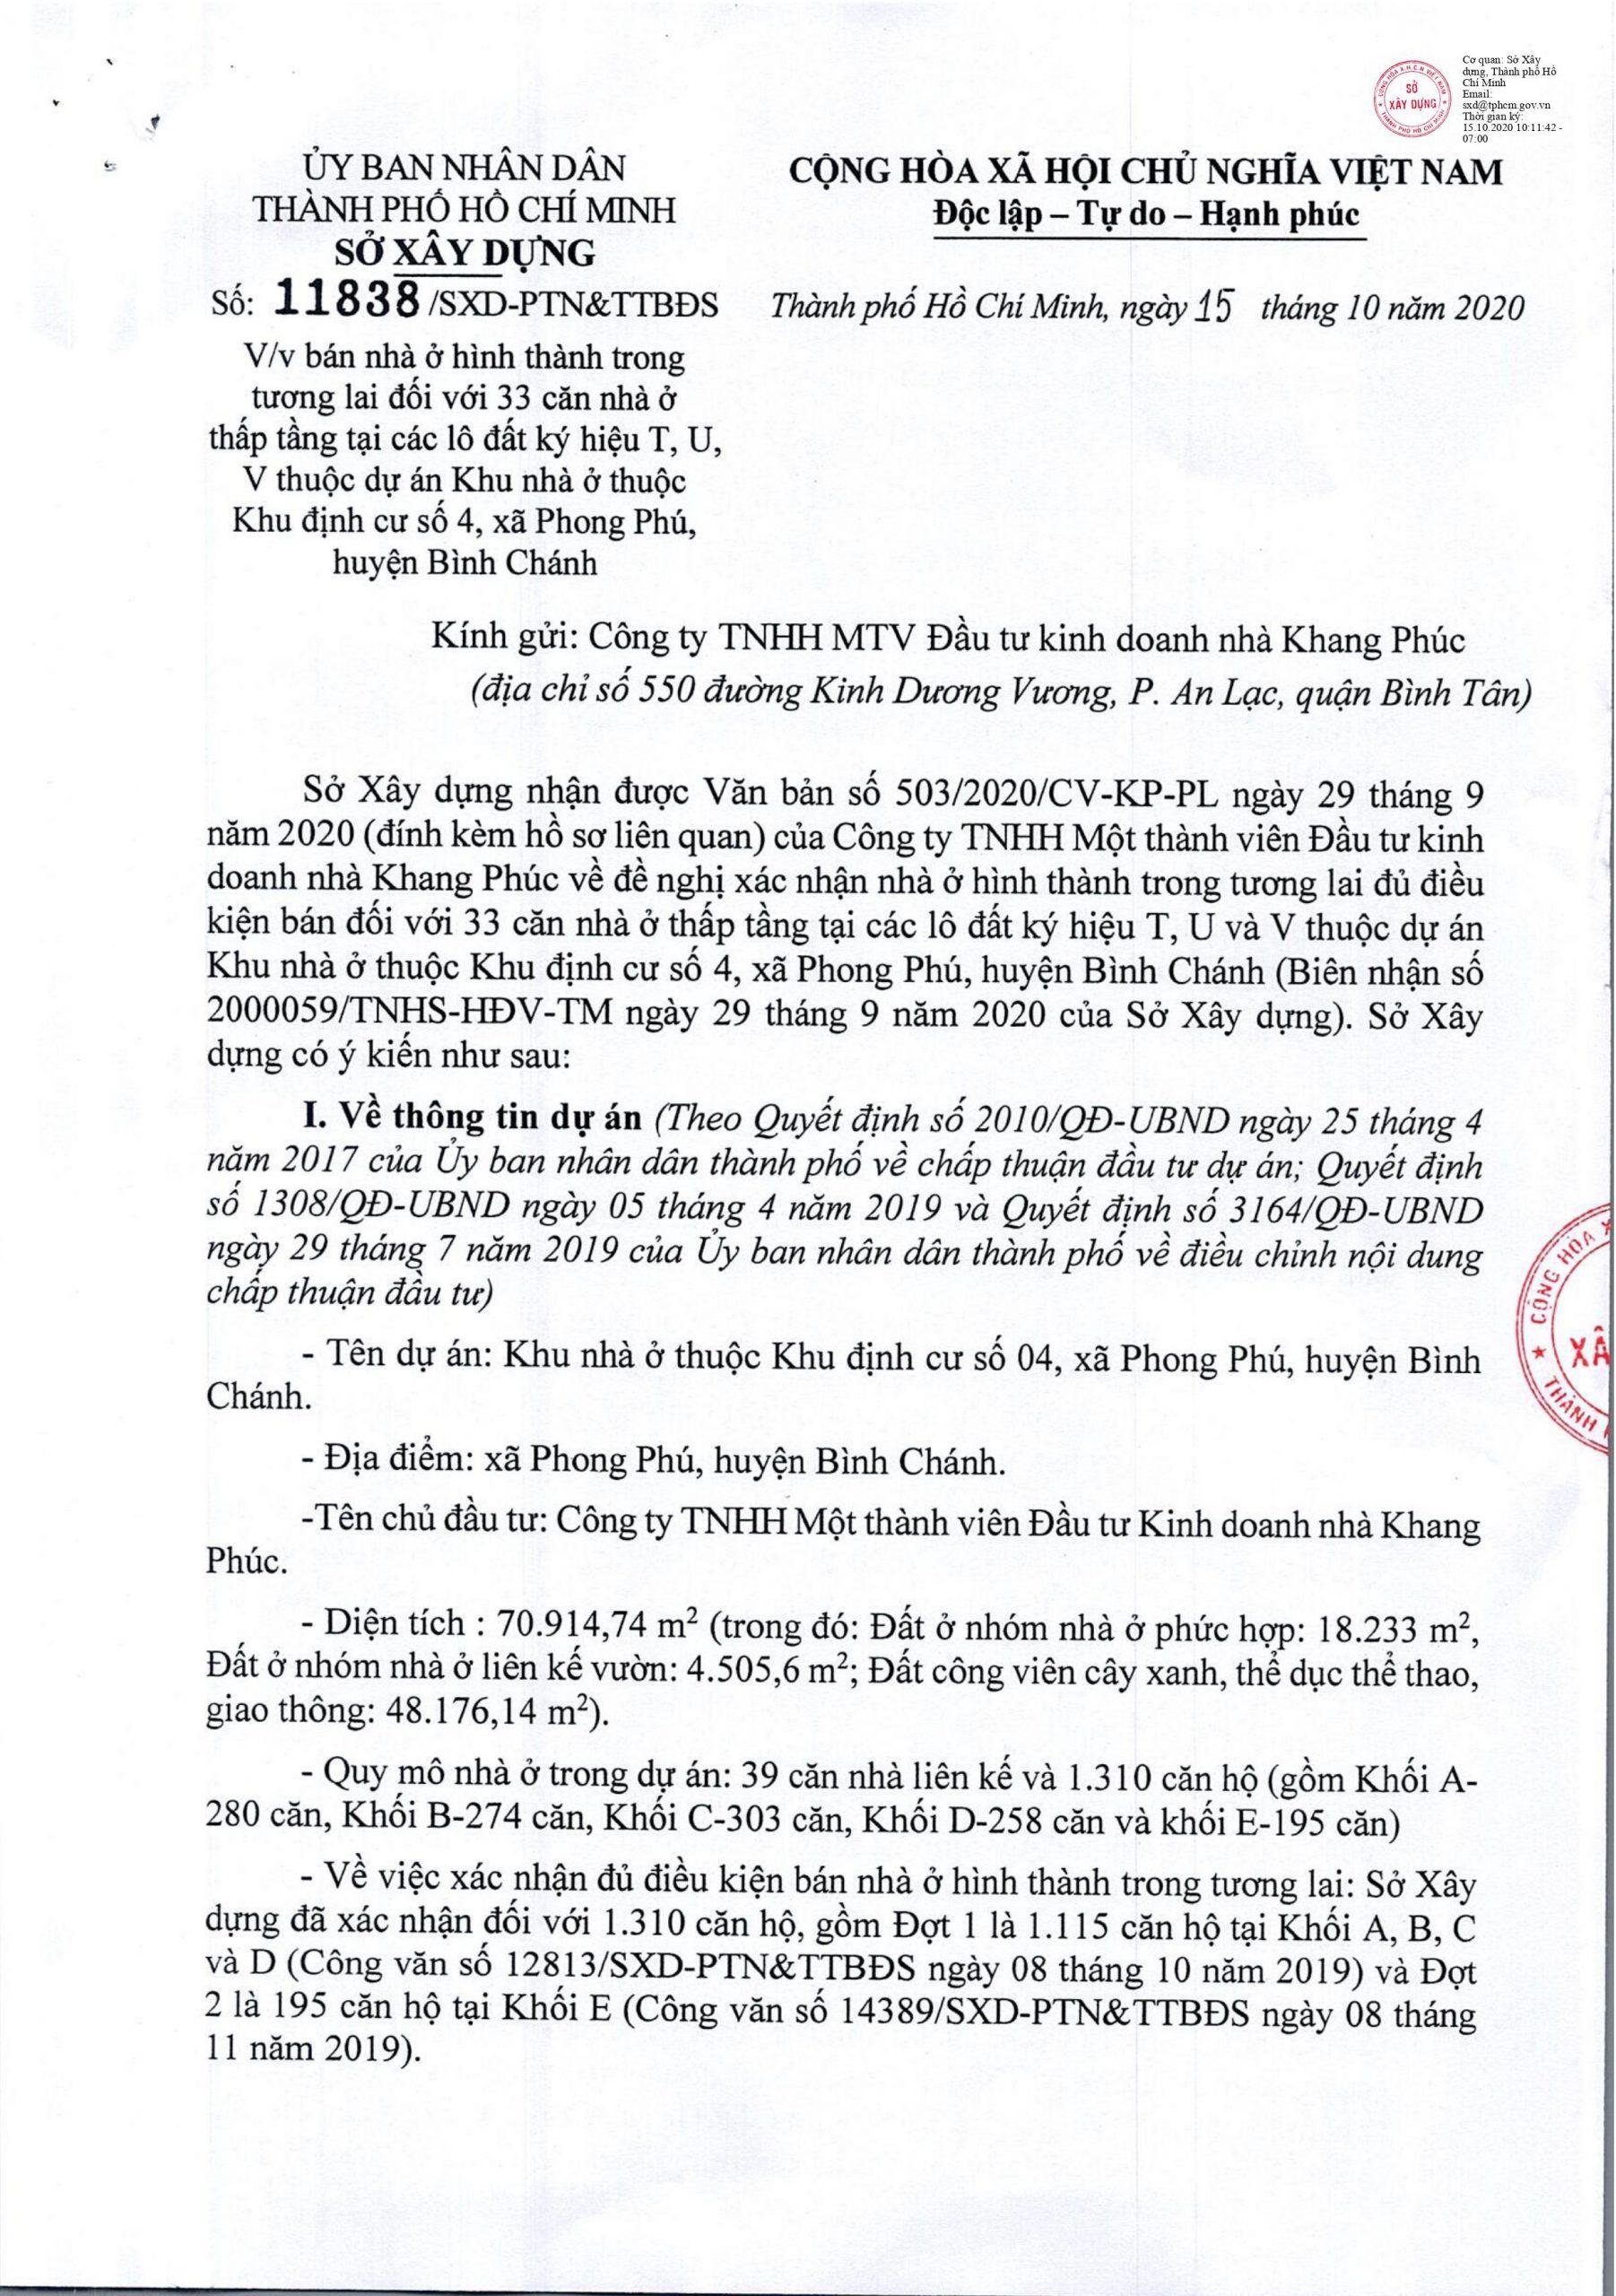 Văn bản 11838/SXD-PTN&TTBDS về việc đủ điều kiên bán nhà ở hình thành trong tương lai đối với 33 căn nhà ở thấp tầng Lovera Premier - KHANG DIEN HCM